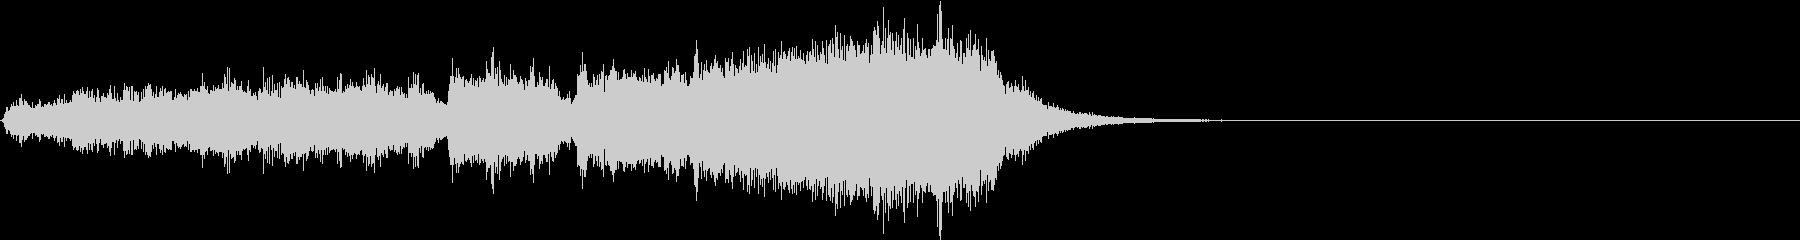 オーケストラ  ファンタジックなジングルの未再生の波形